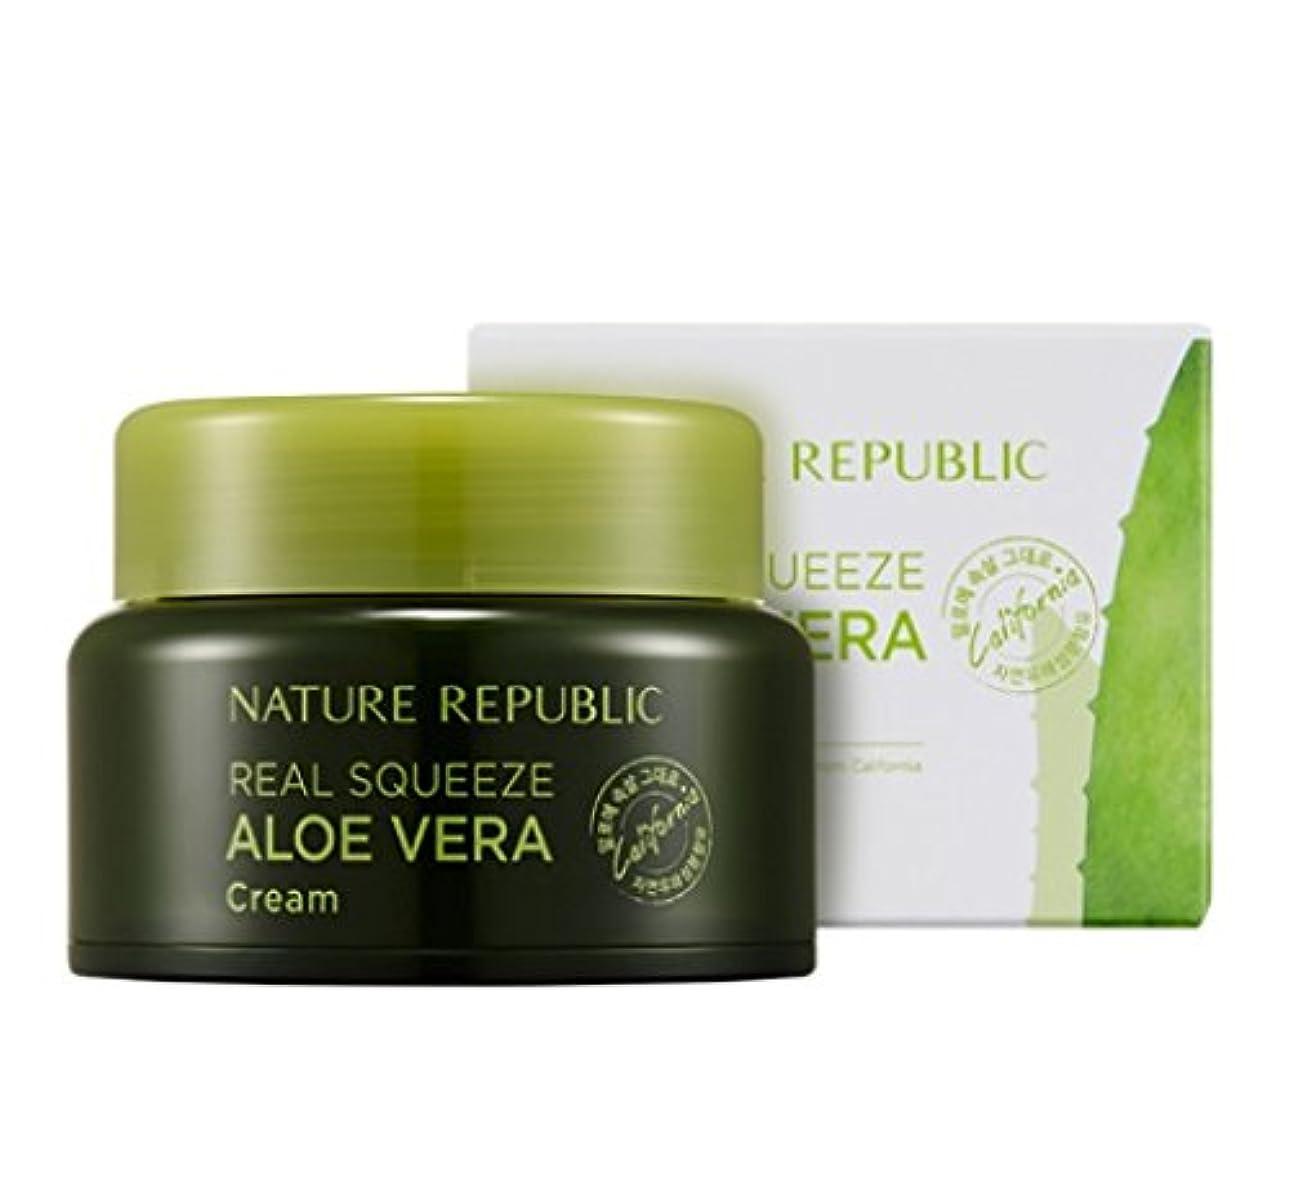 シリアルミュージカルリーチ[Nature Republic]ネイチャーリパブリック[Real Squeeze Aloe Vera Cream](リアルスクィーズアロエベラクリーム) [並行輸入品]